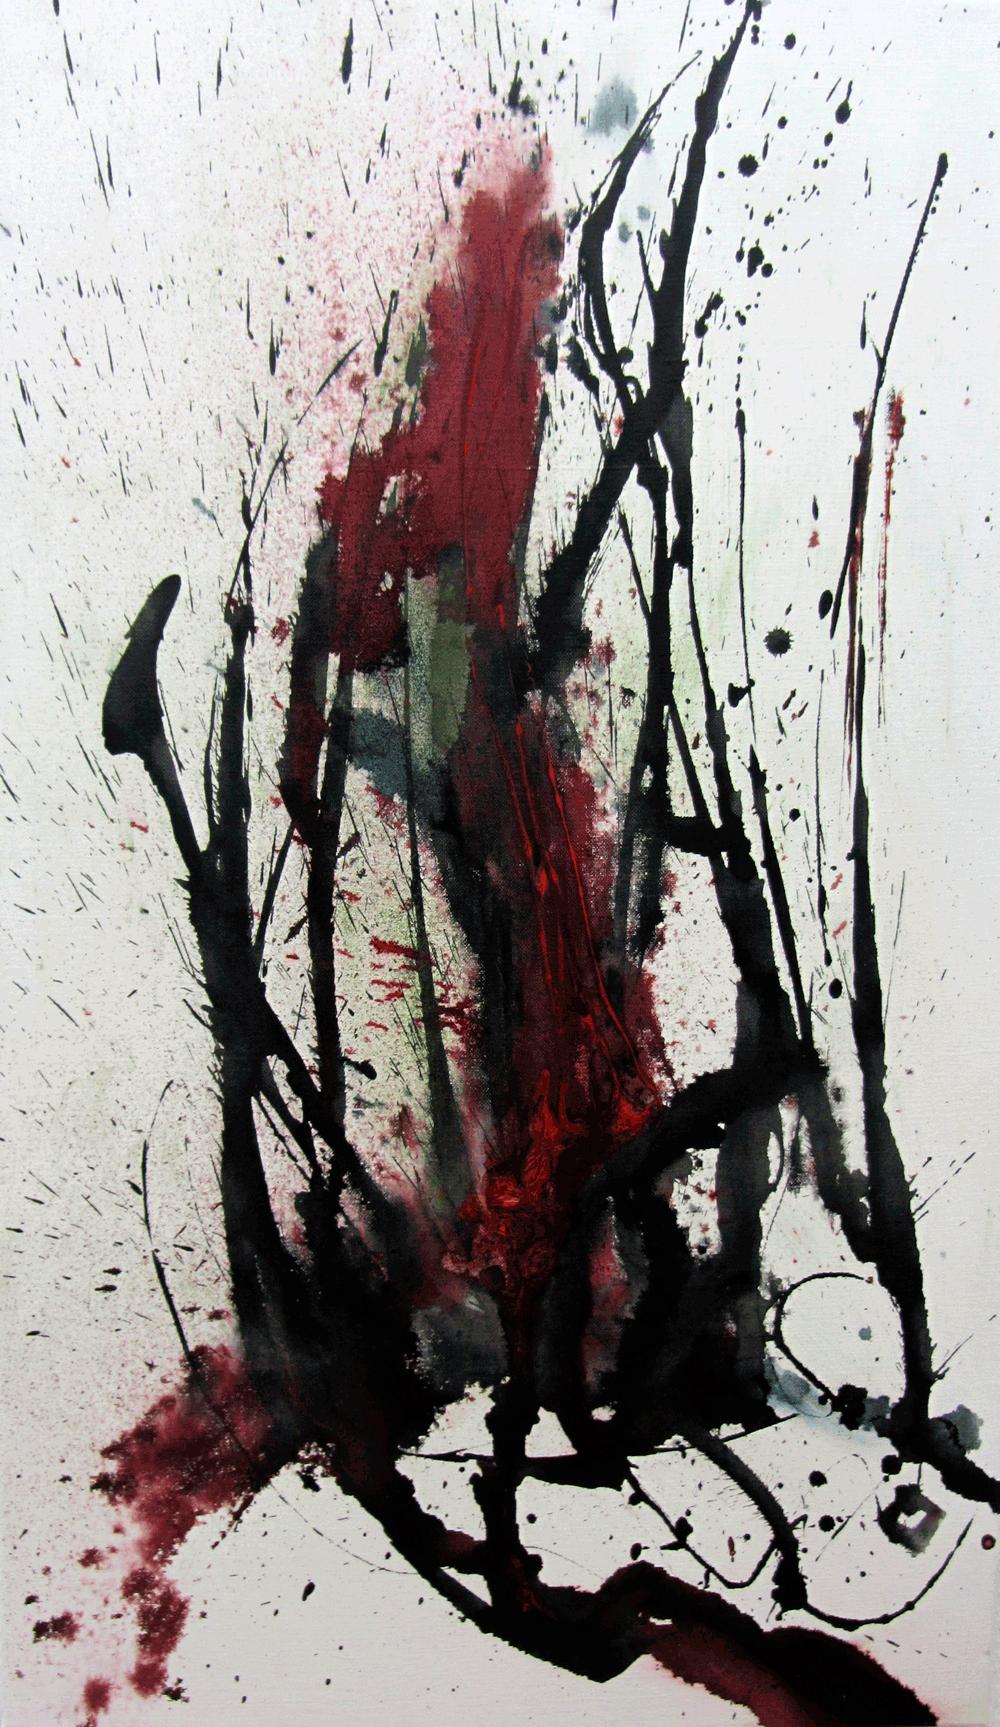 Physis-2-Nr 3, Tusche und Pigment – © VG Bild-Kunst, S. Thatje-Körber